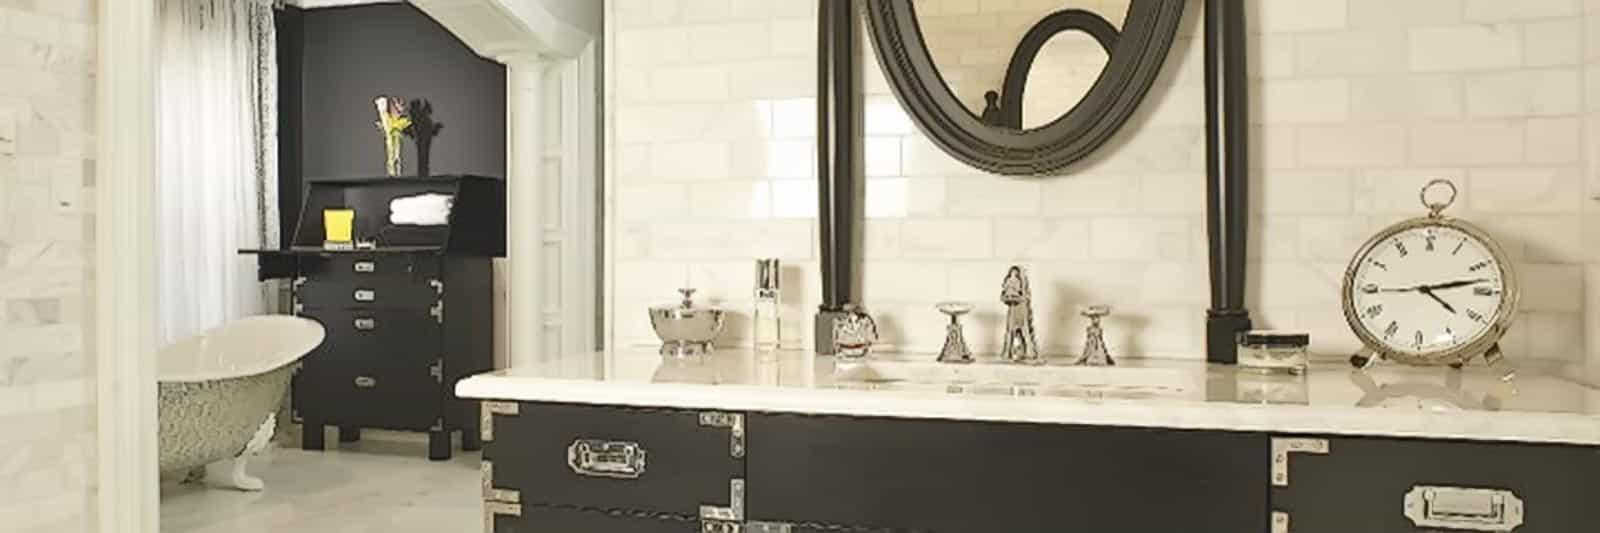 Bathrooms lawrenceville nj toggle navigation menu designskitchens bathrooms